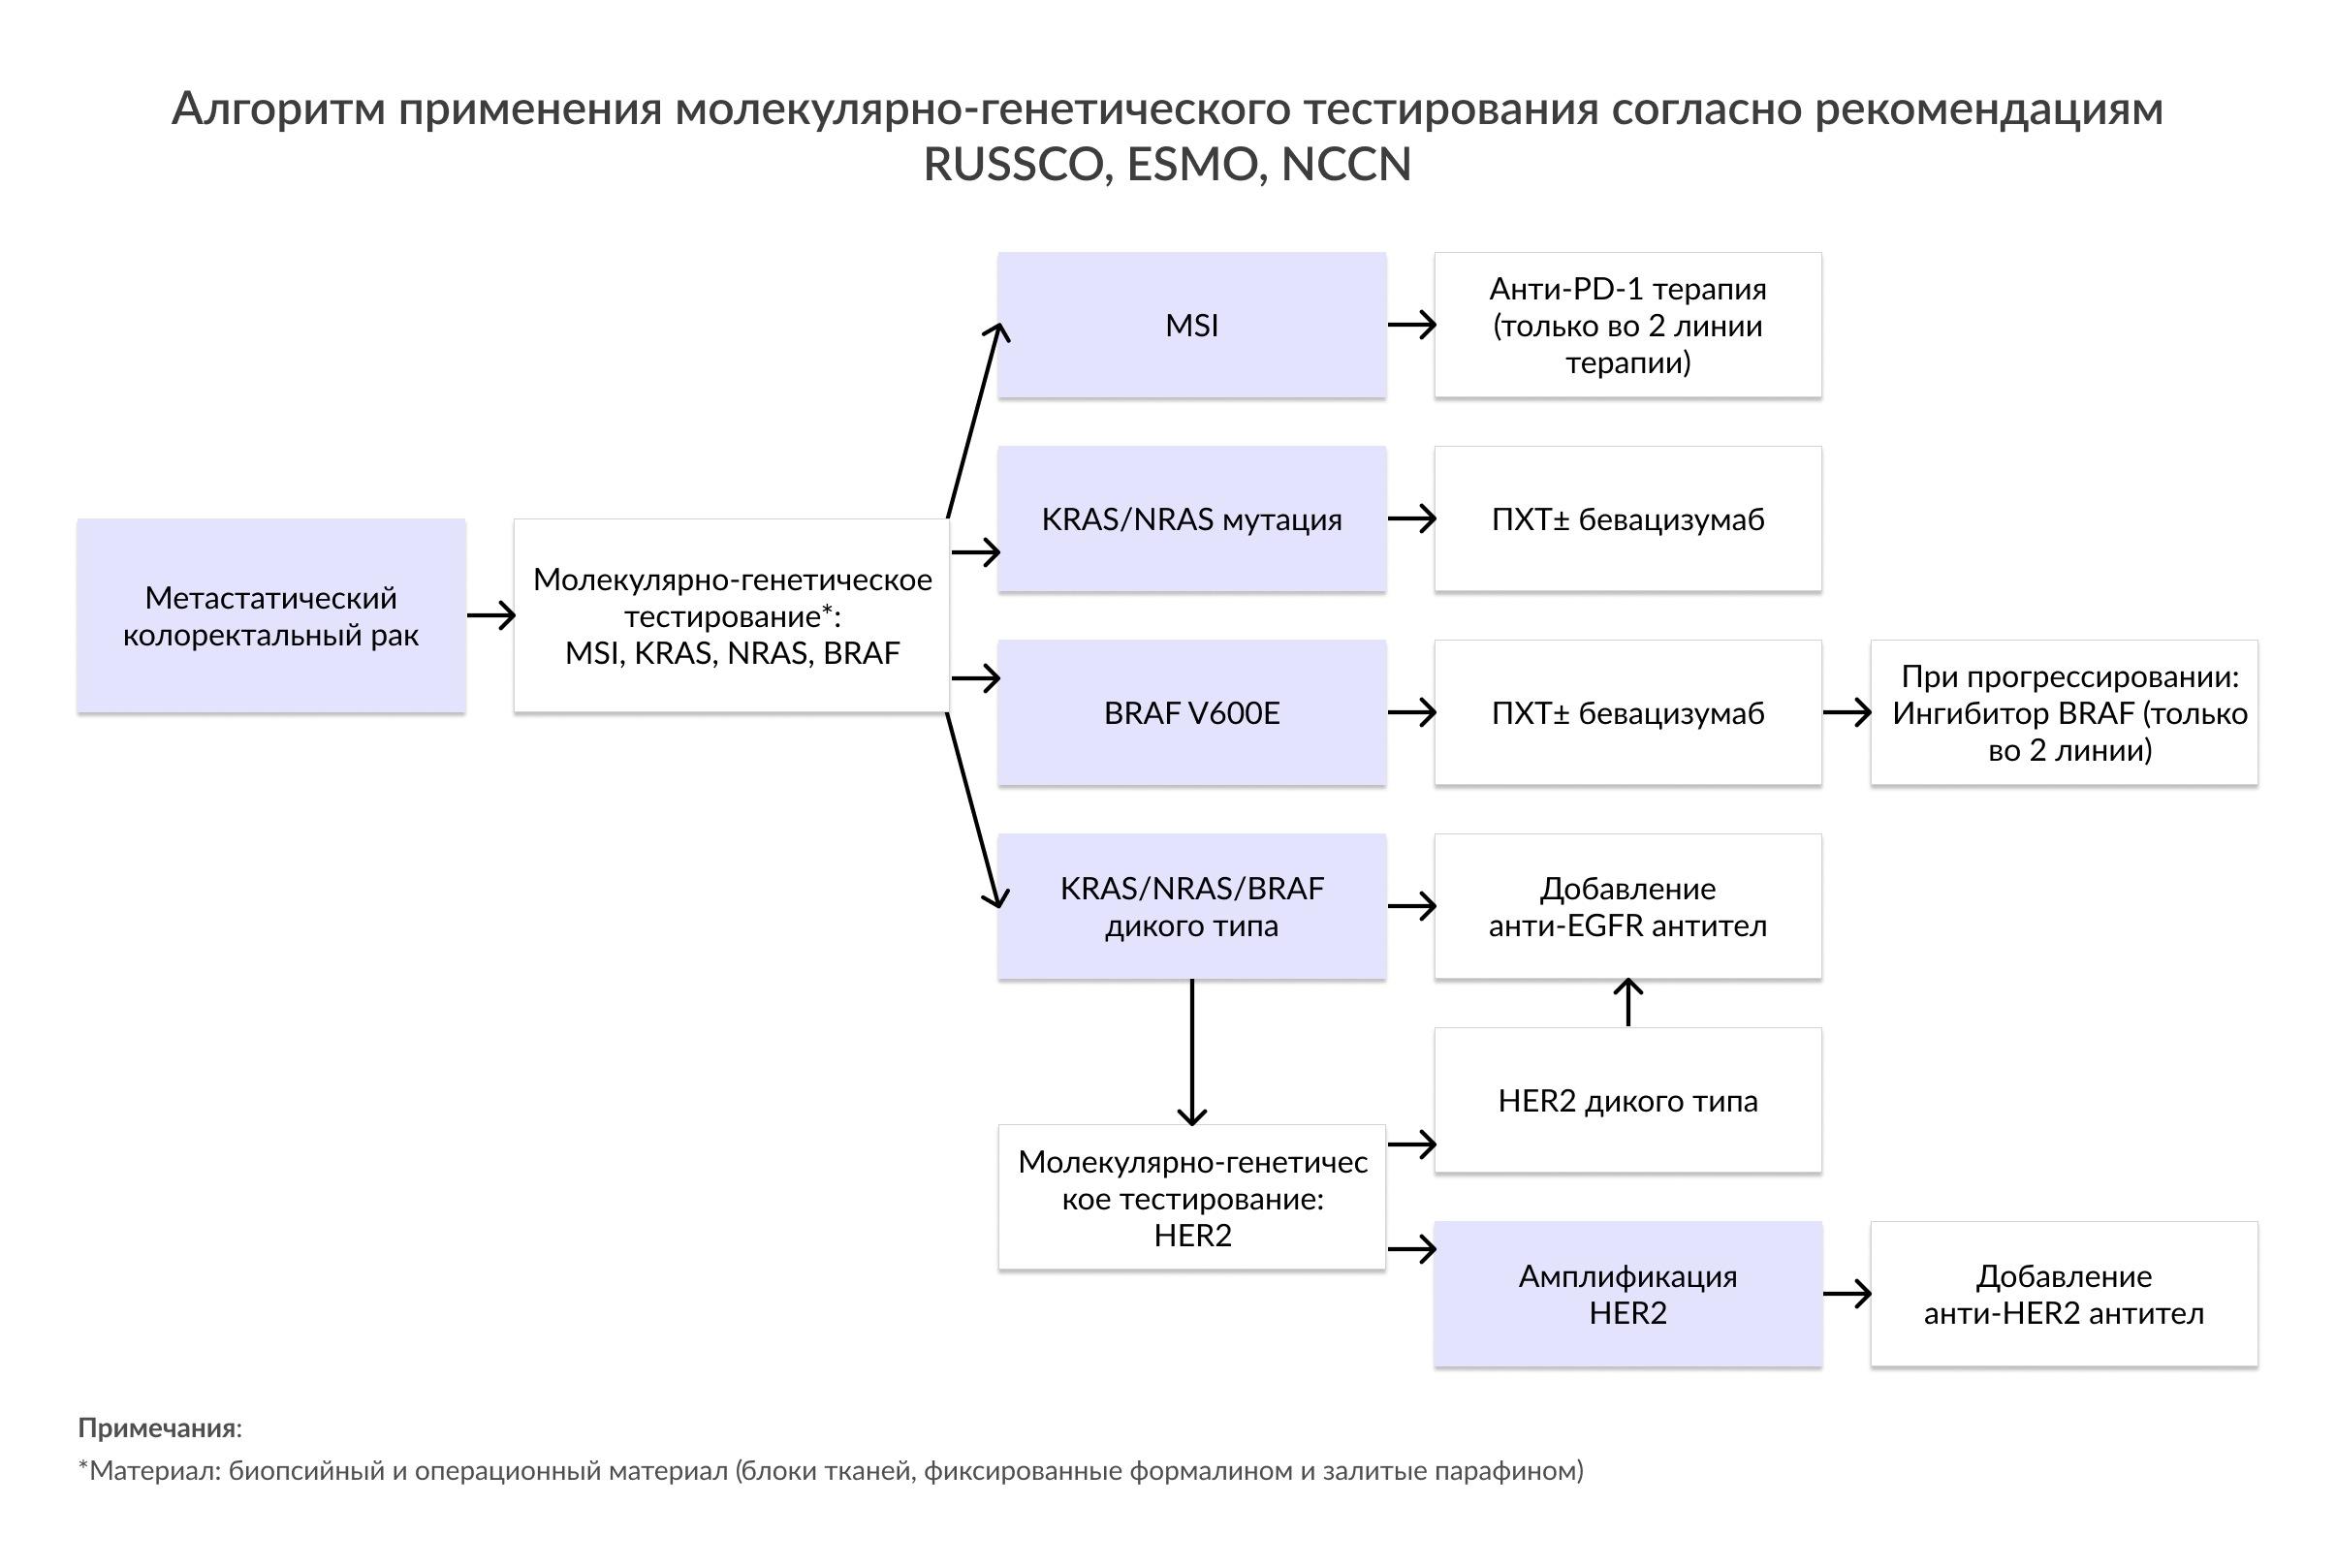 Алгоритм применения молекулярно-генетического тестирования согласно рекомендациям RUSSCO, ESMO, NCCN